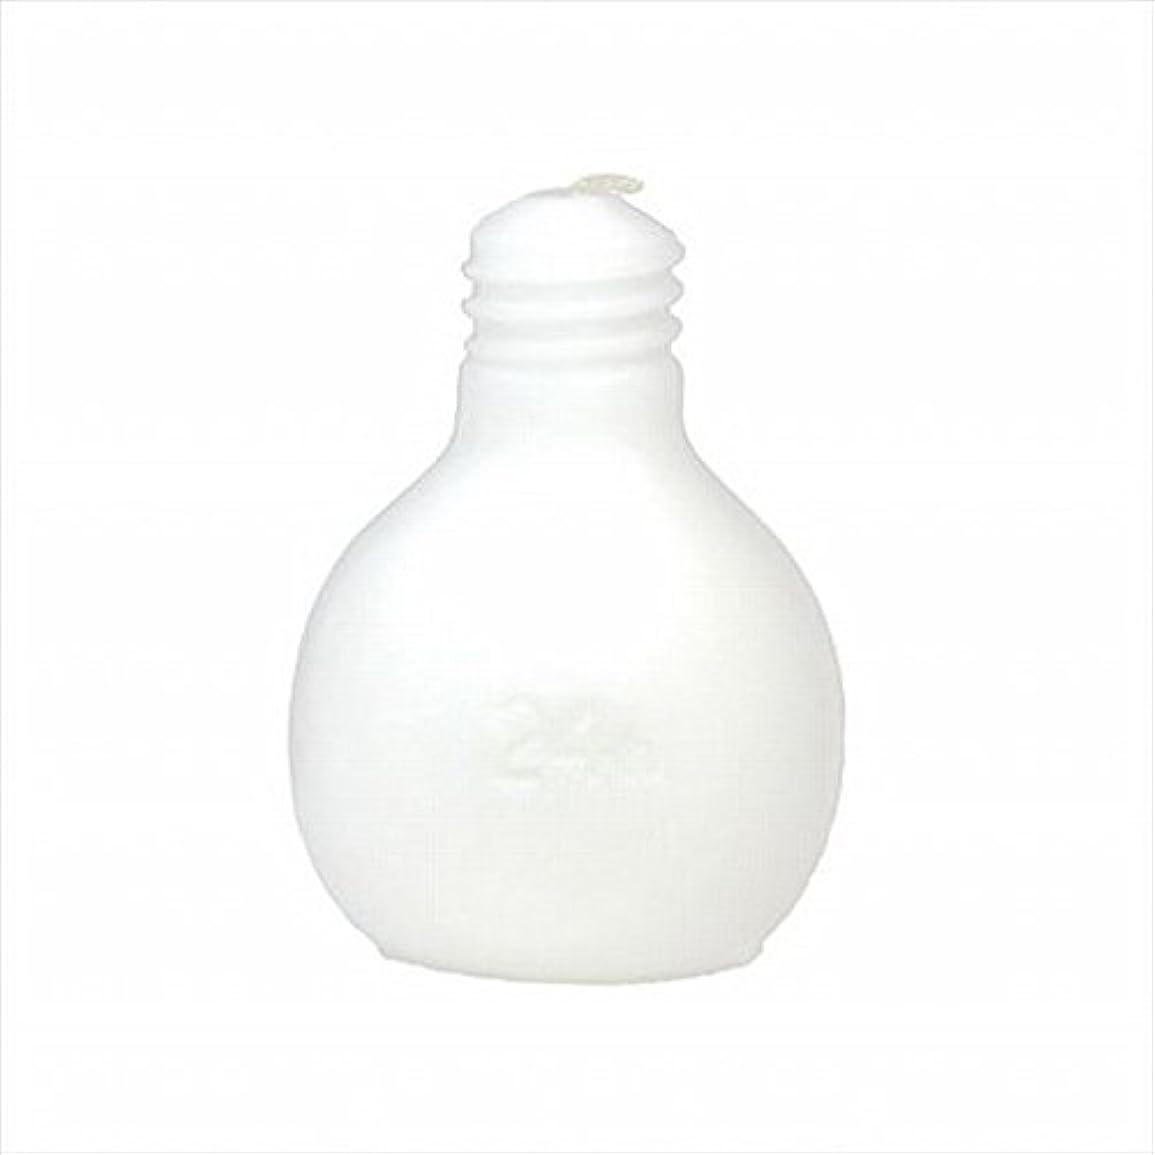 作業スズメバチ成分kameyama candle(カメヤマキャンドル) 節電球キャンドル 「 ホワイト 」 キャンドル 75x75x98mm (A4220000W)